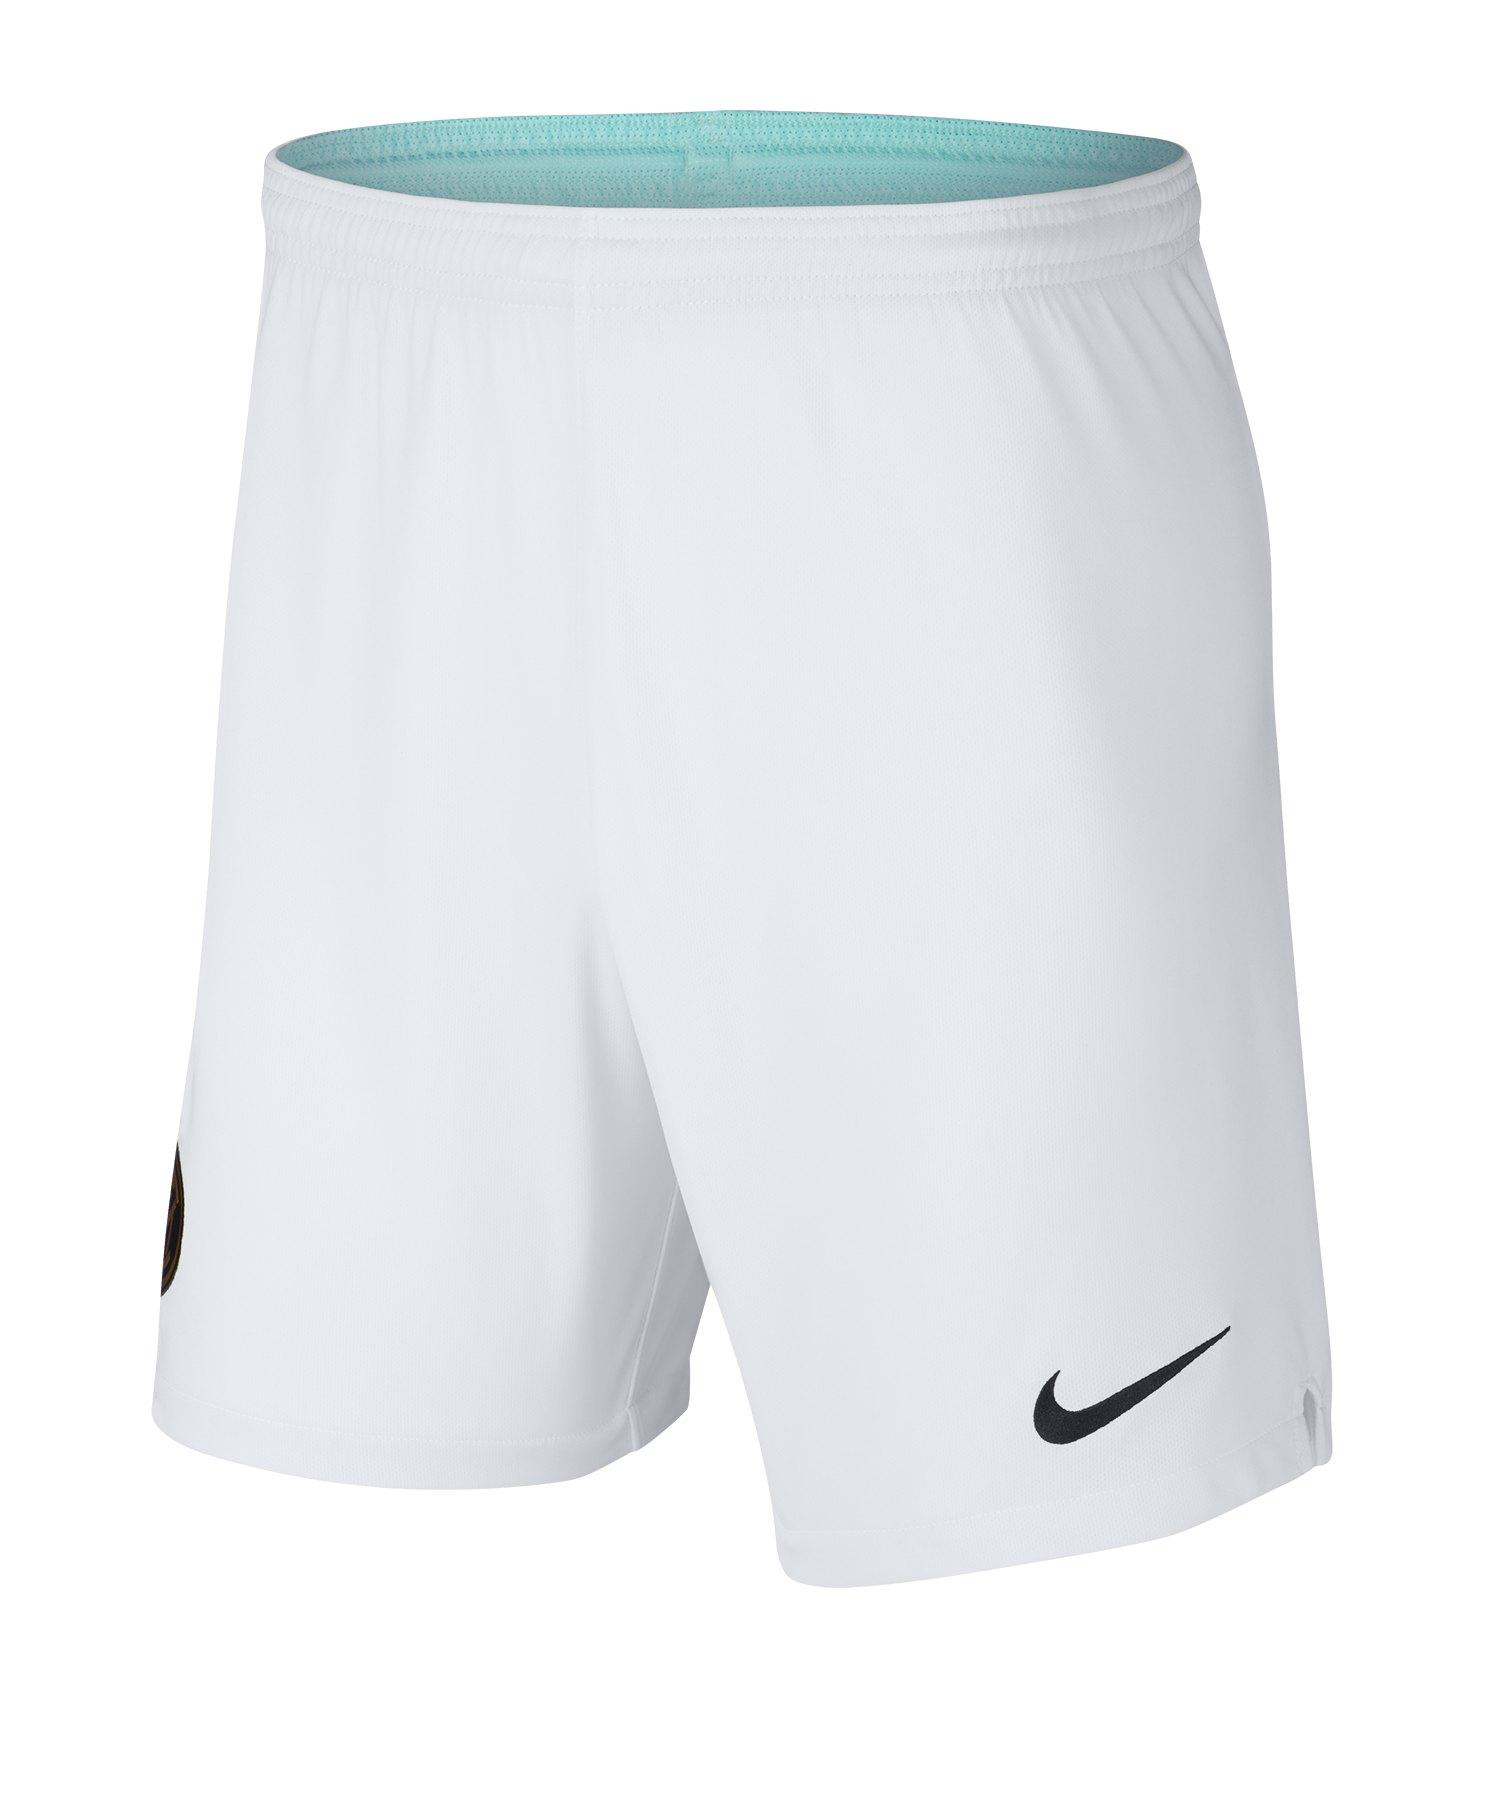 Nike Inter Mailand Short Away 2019/2020 Weiss F100 - weiss